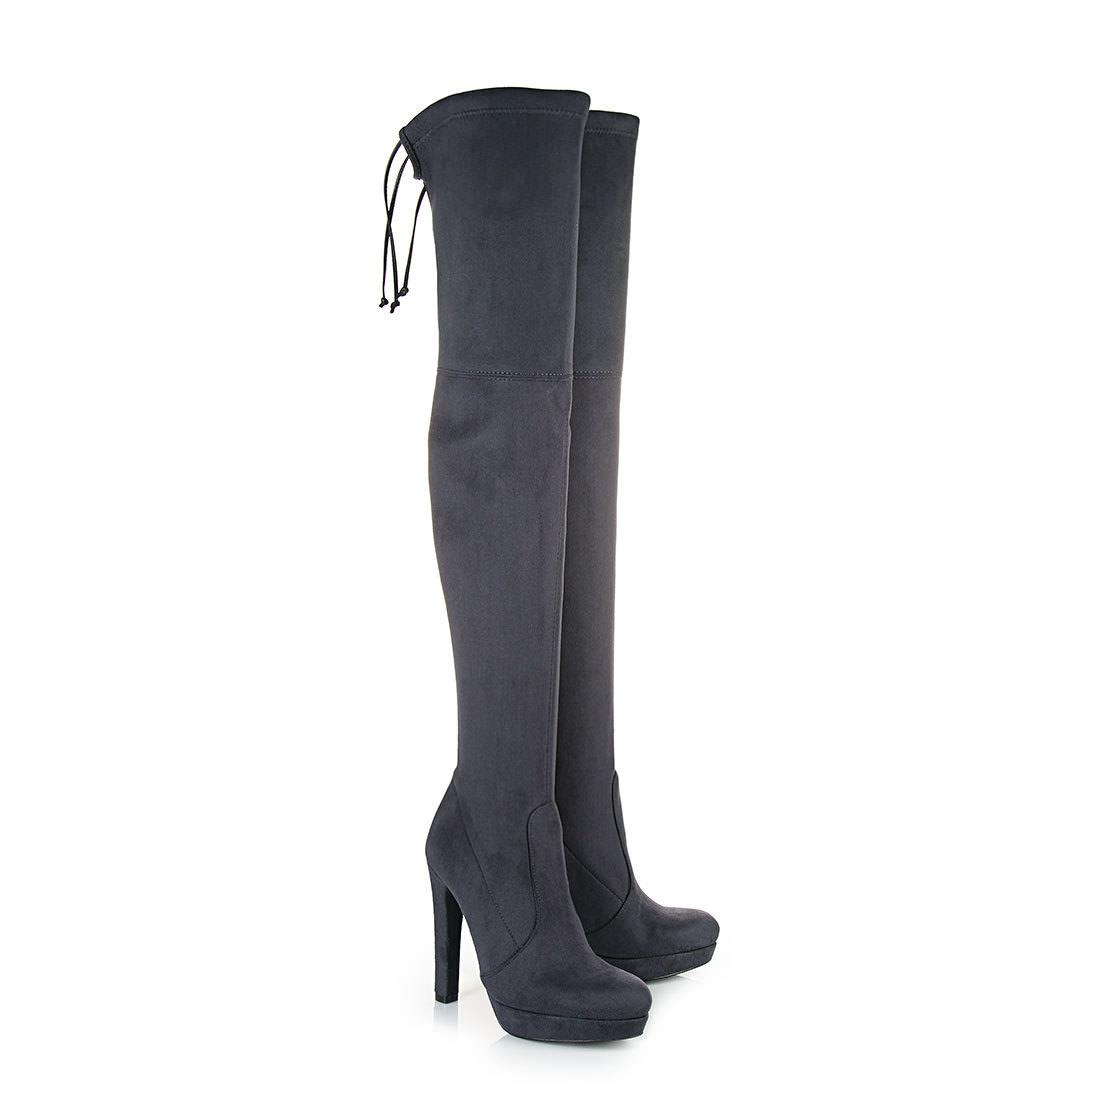 Overknee-Stiefel in anthrazit mit Blockabsatz Buffalo vVZVExJR